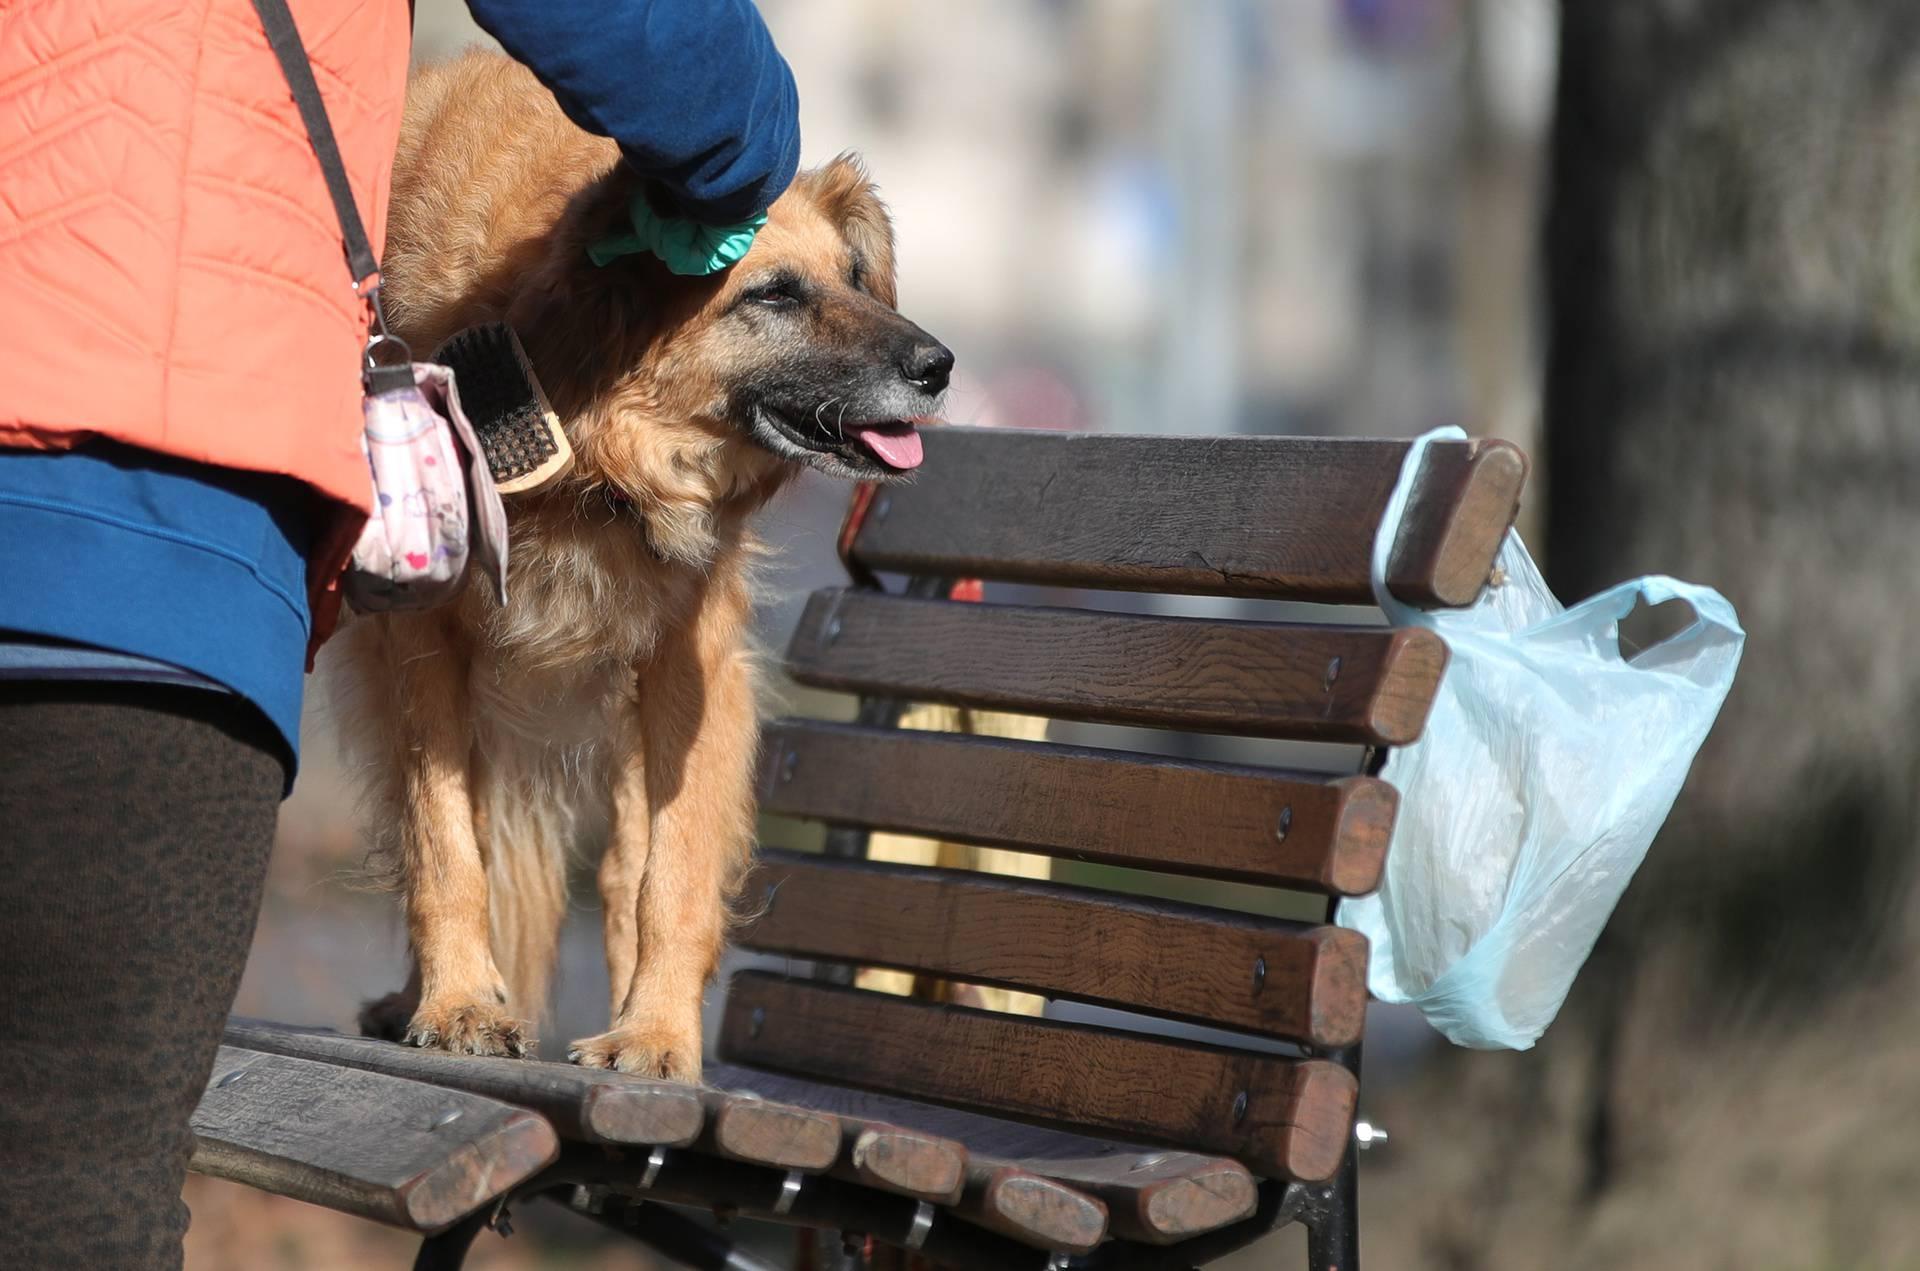 Jutarnja kozmetika i higijena vrlo su bitne u životu psa